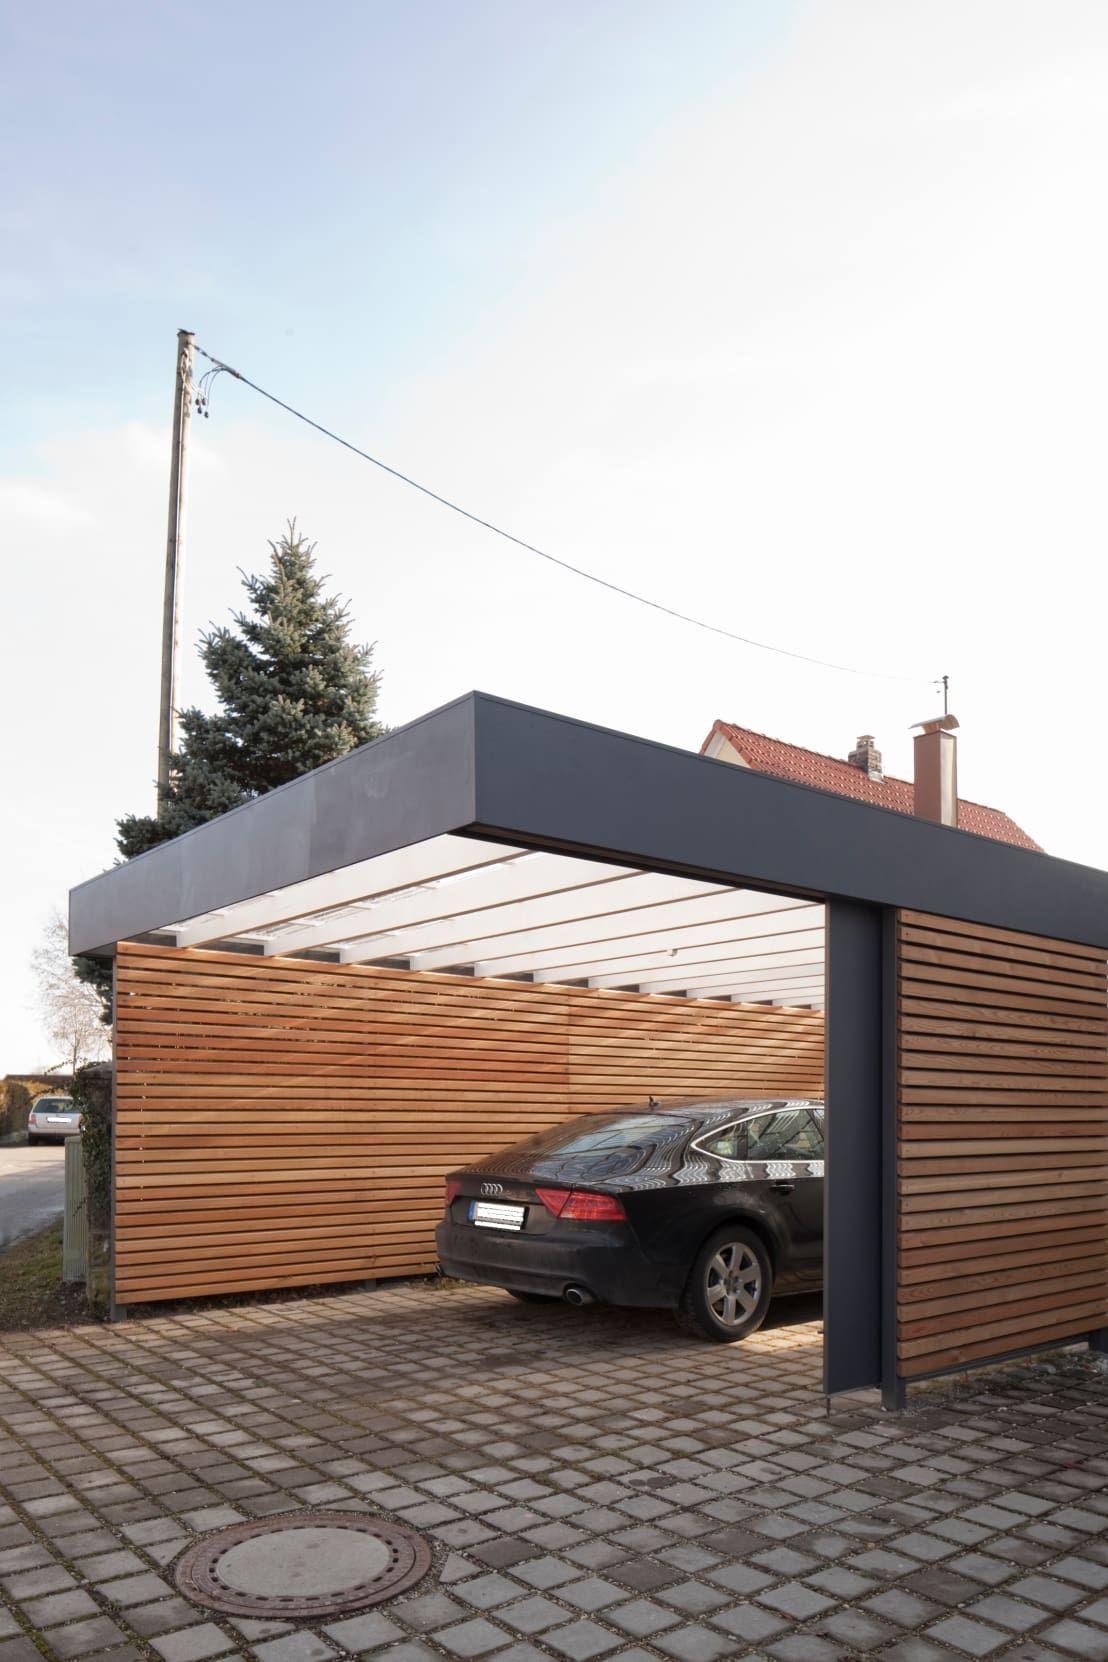 carport von architekt armin h gele architekten inspiration und hobbyraum. Black Bedroom Furniture Sets. Home Design Ideas